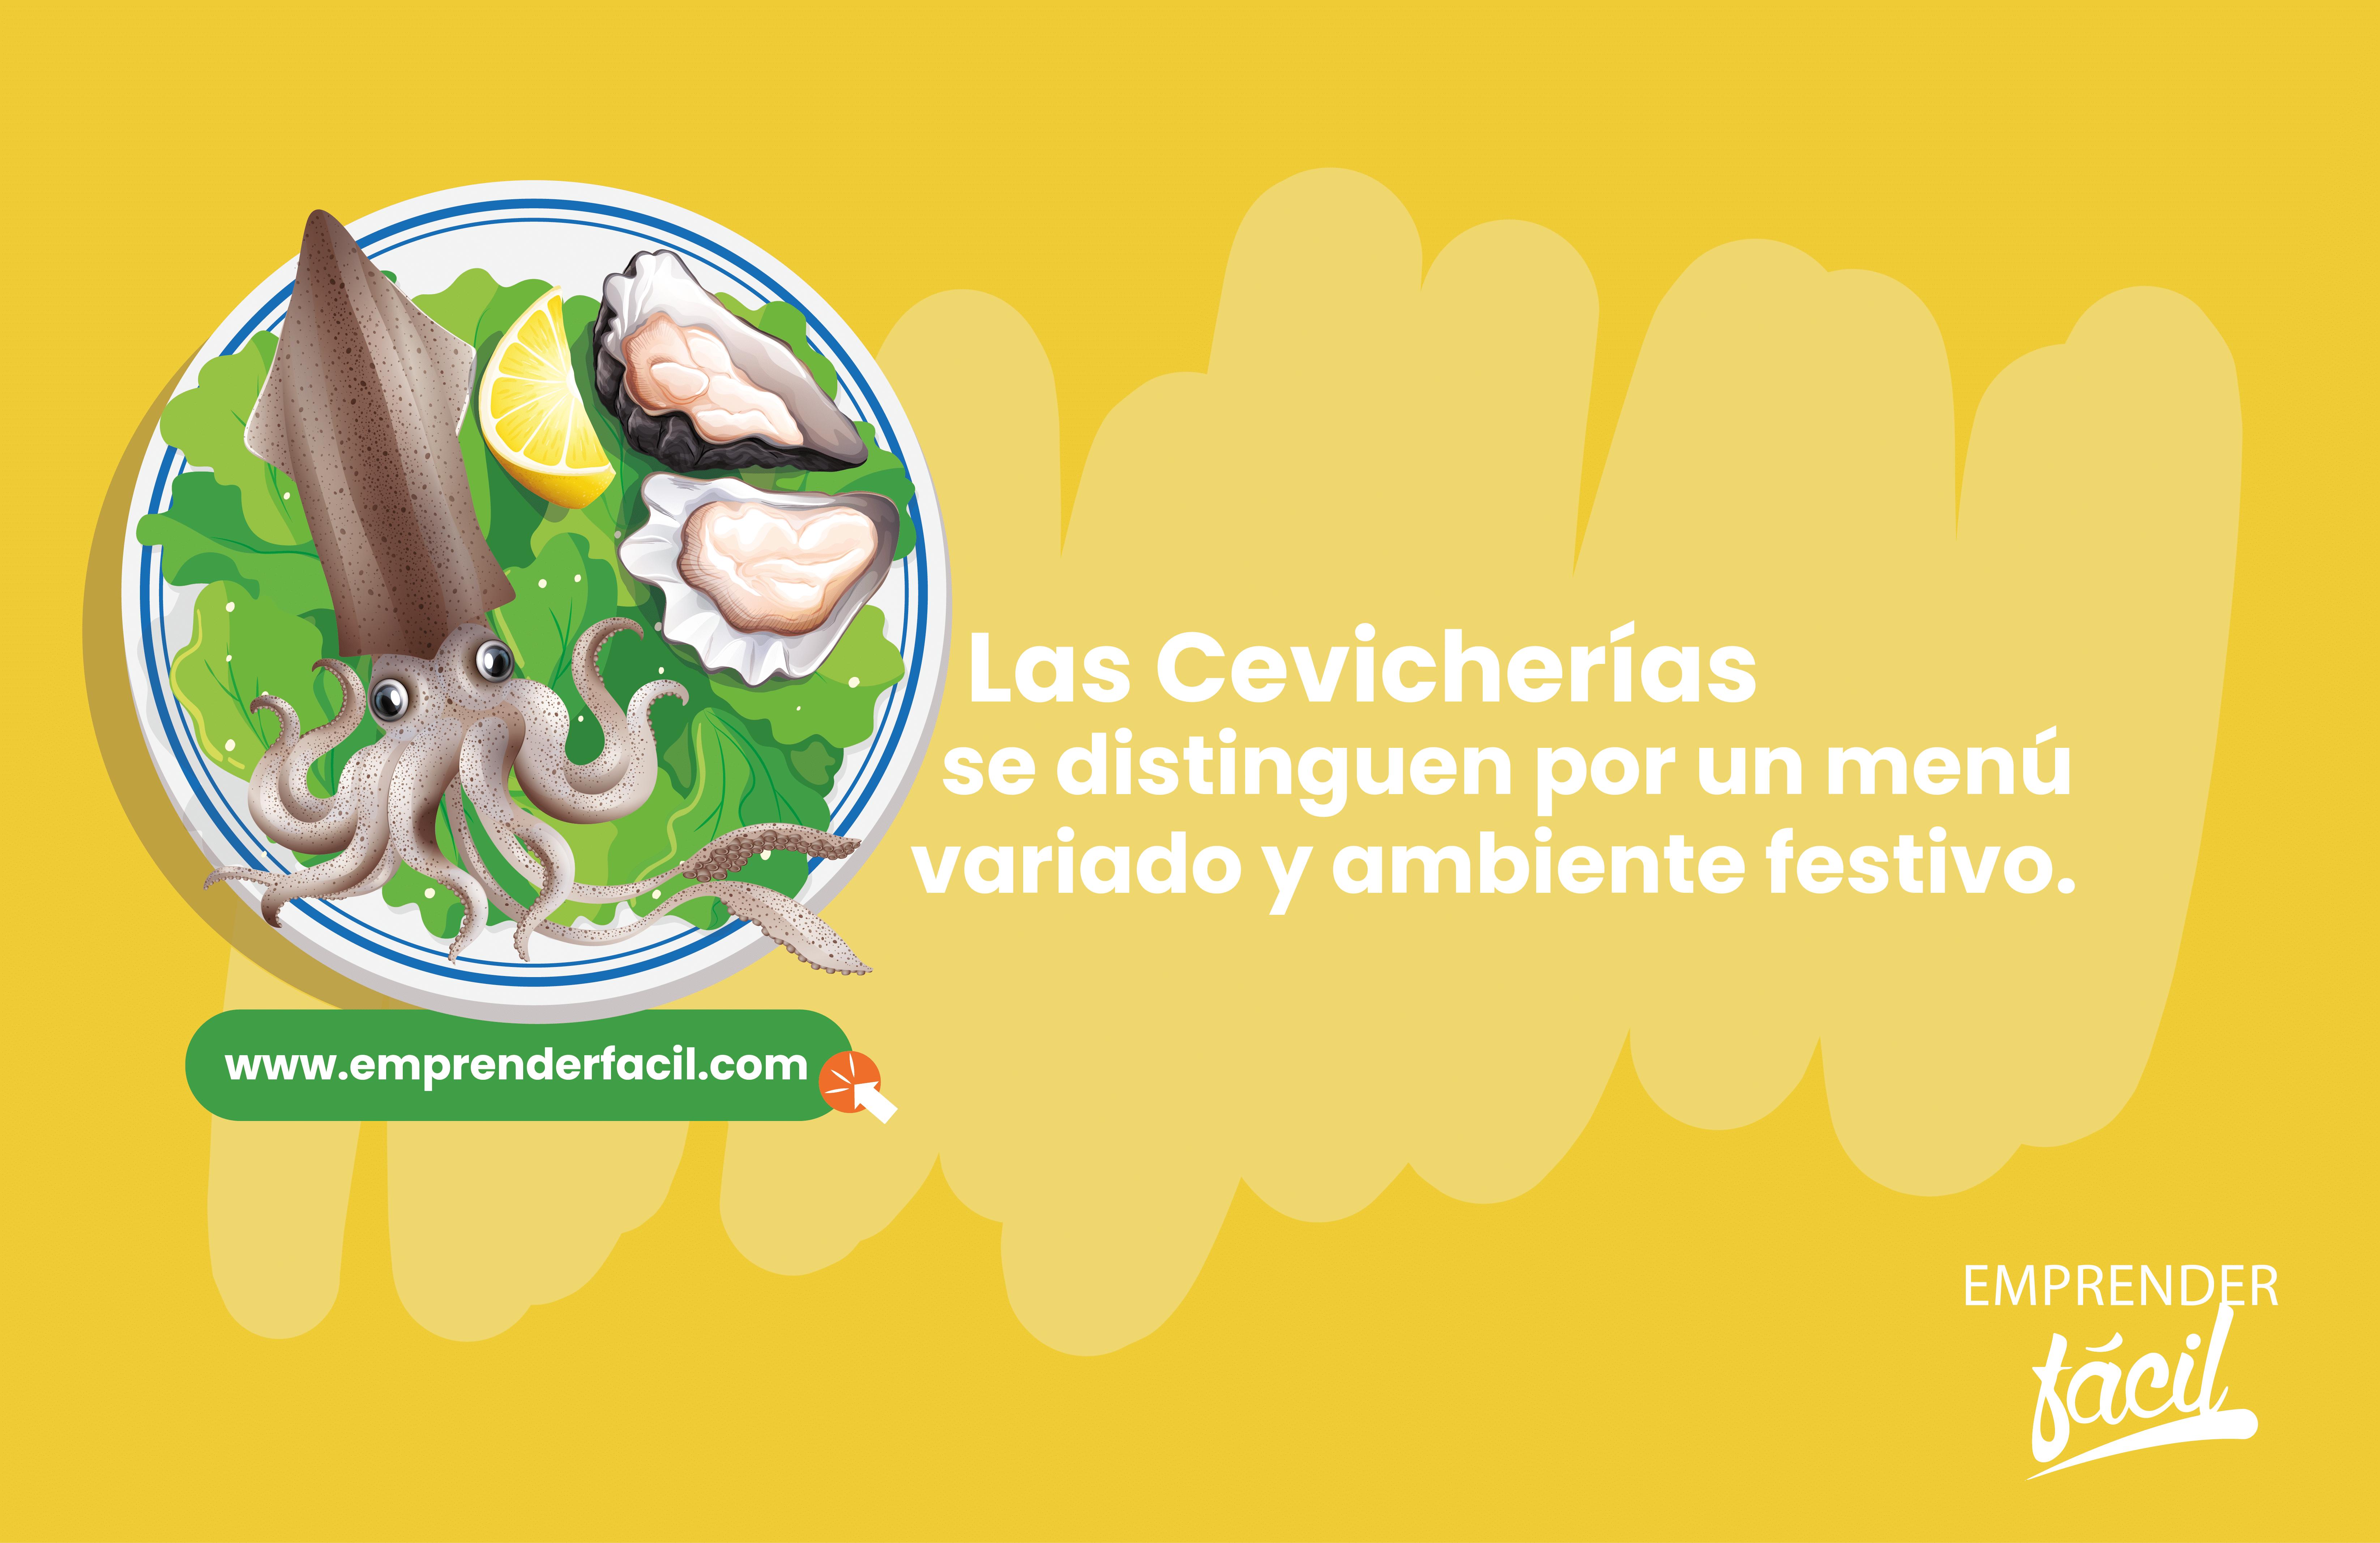 Las Cevicherías se distinguen por un menú variado y ambiente festivo.